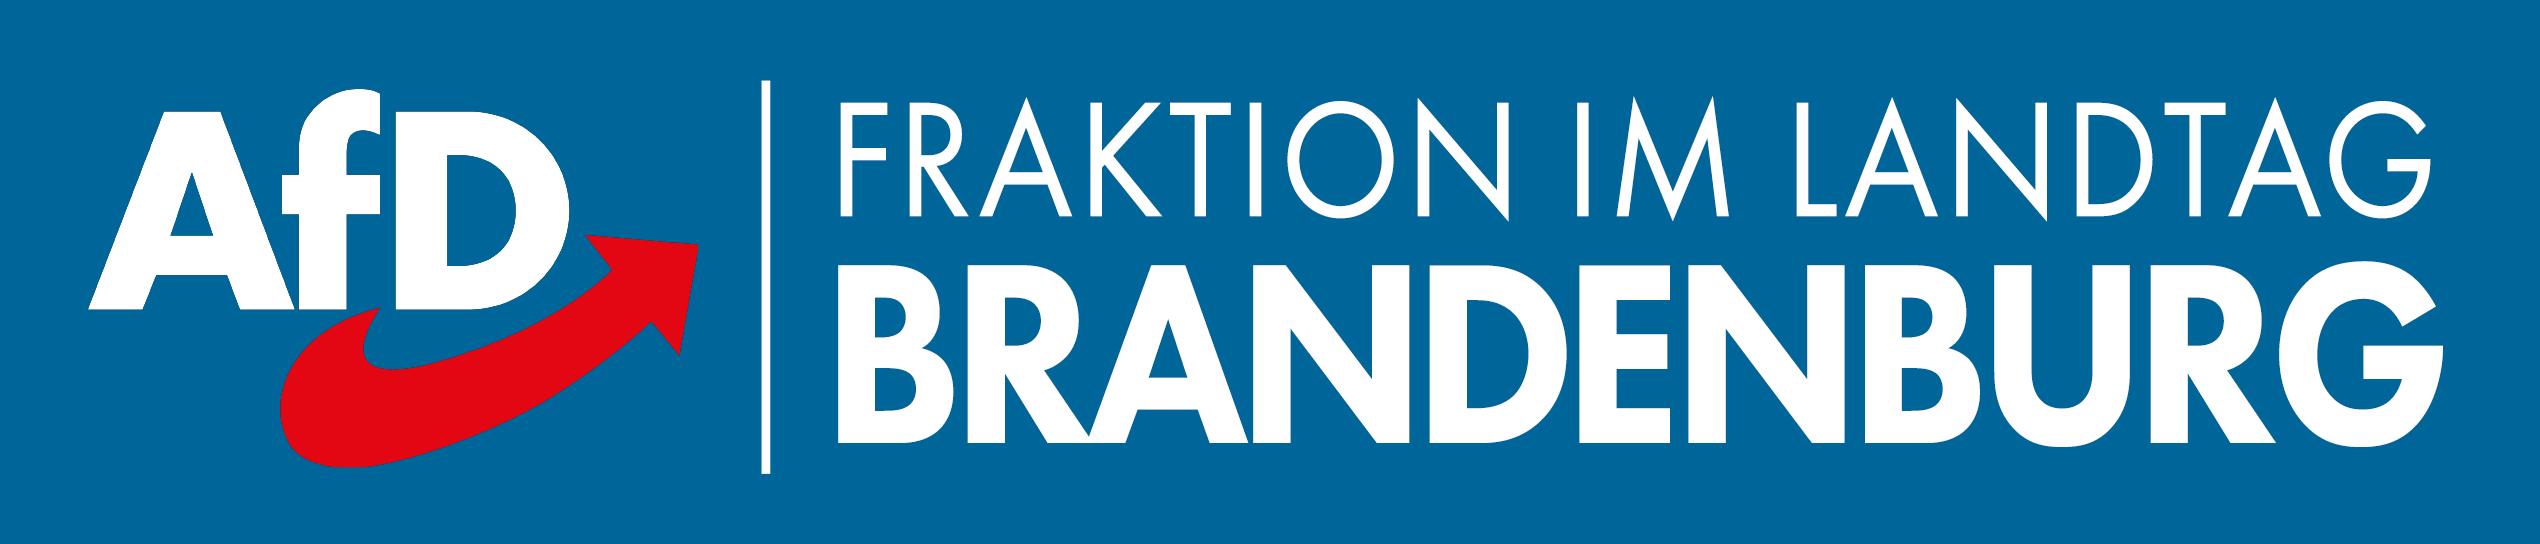 AfD-Fraktion Brandenburg